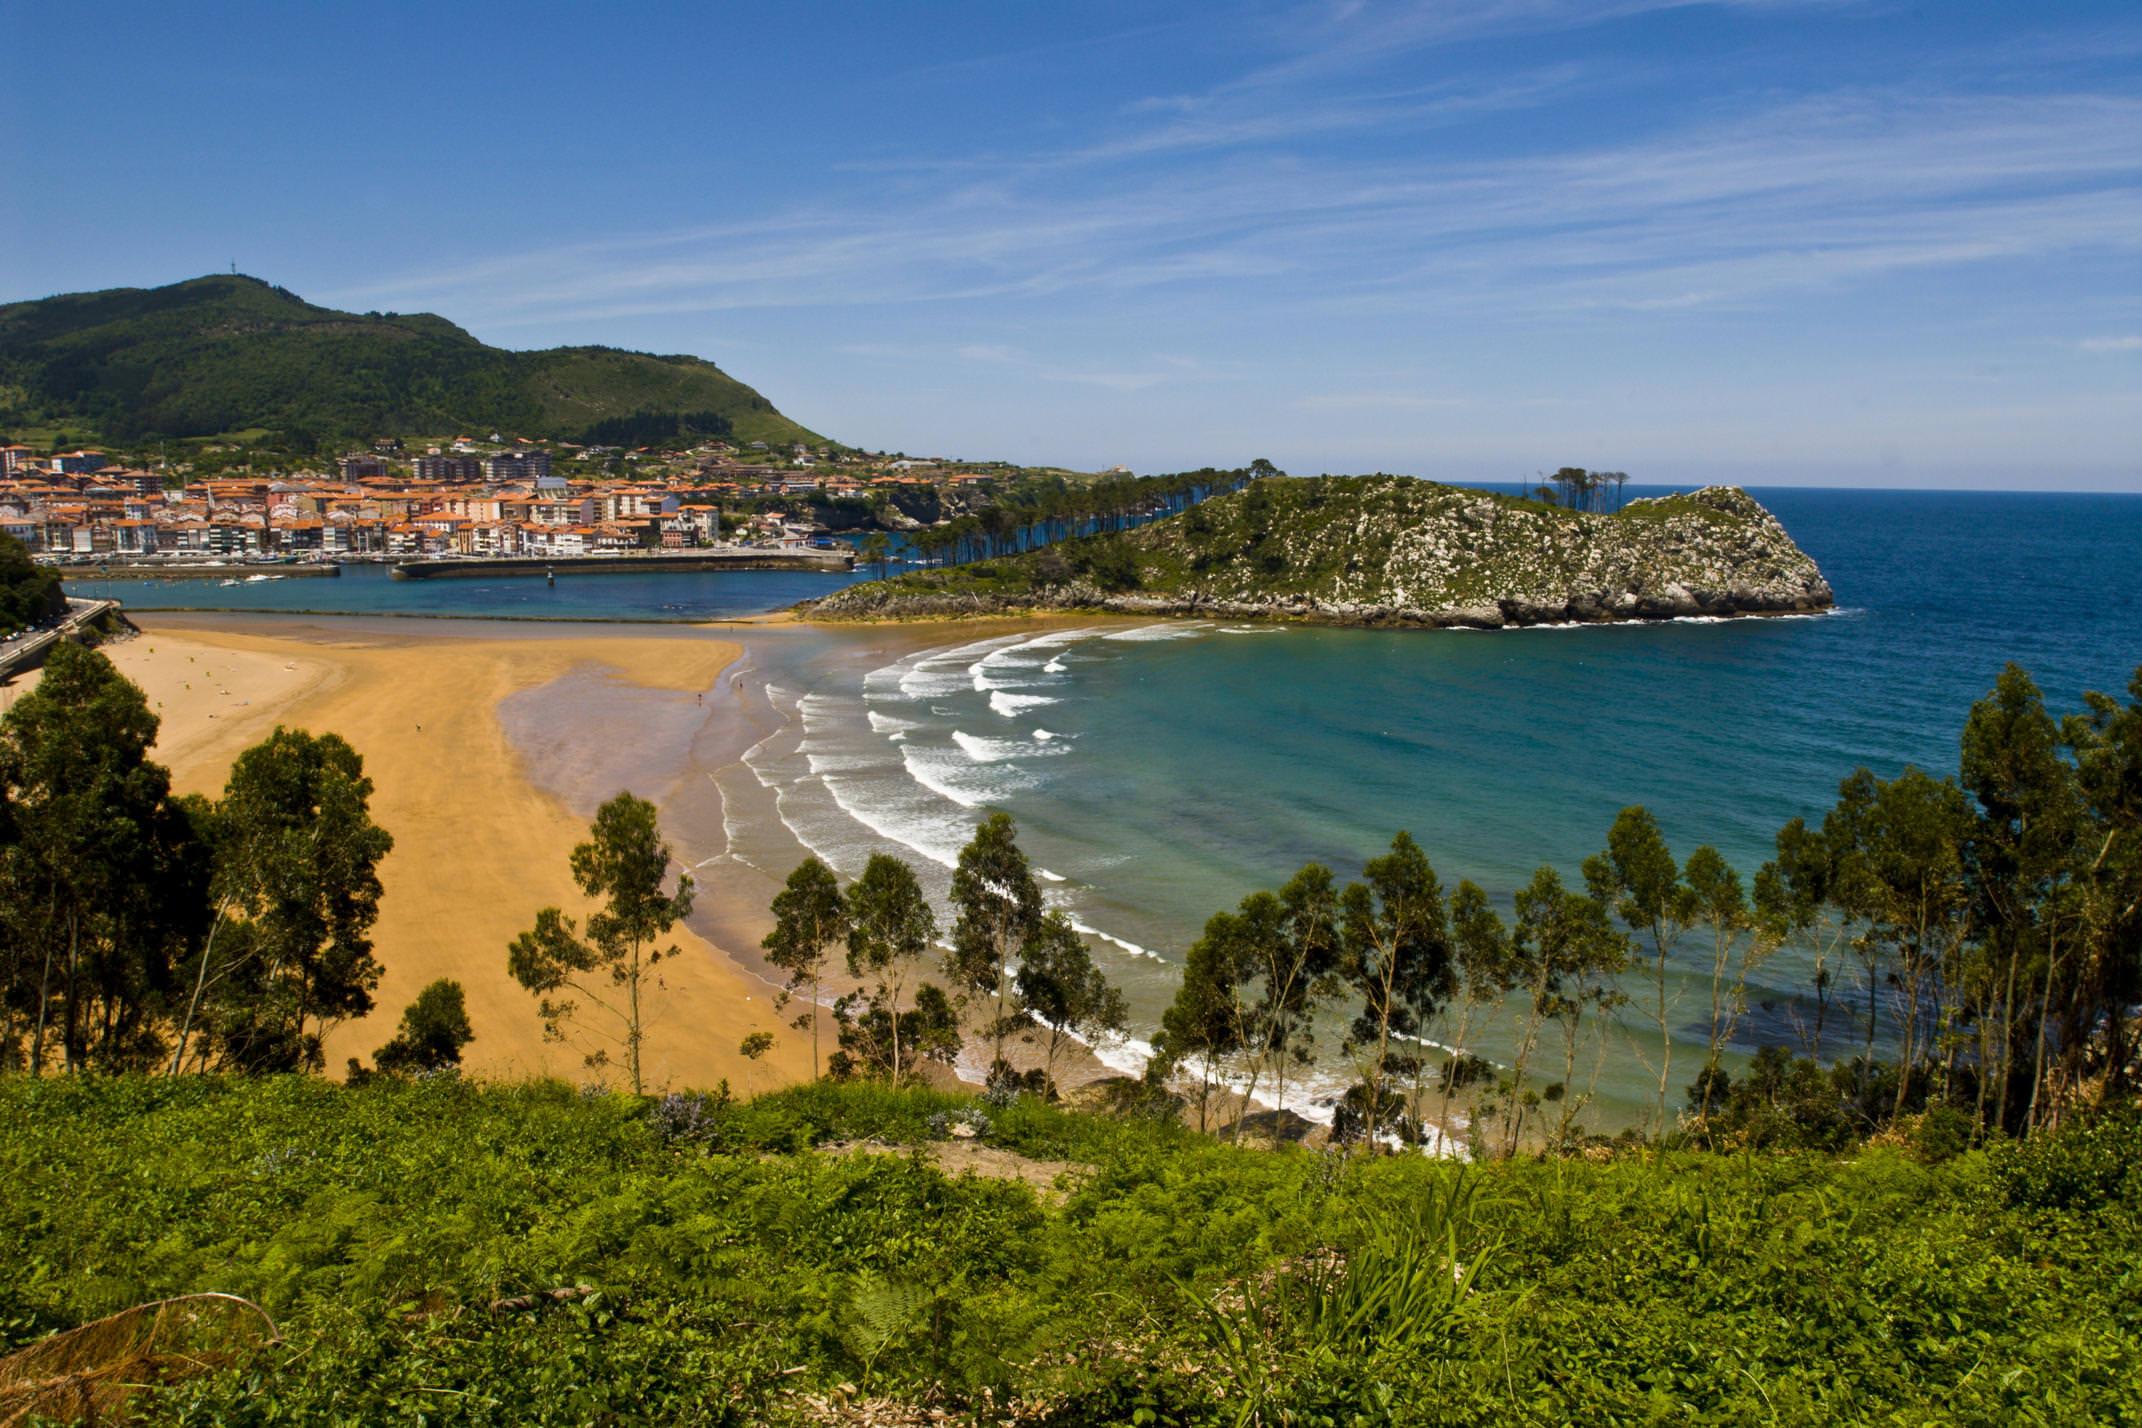 Spain vizcaya lekeitio village beach c antonio real